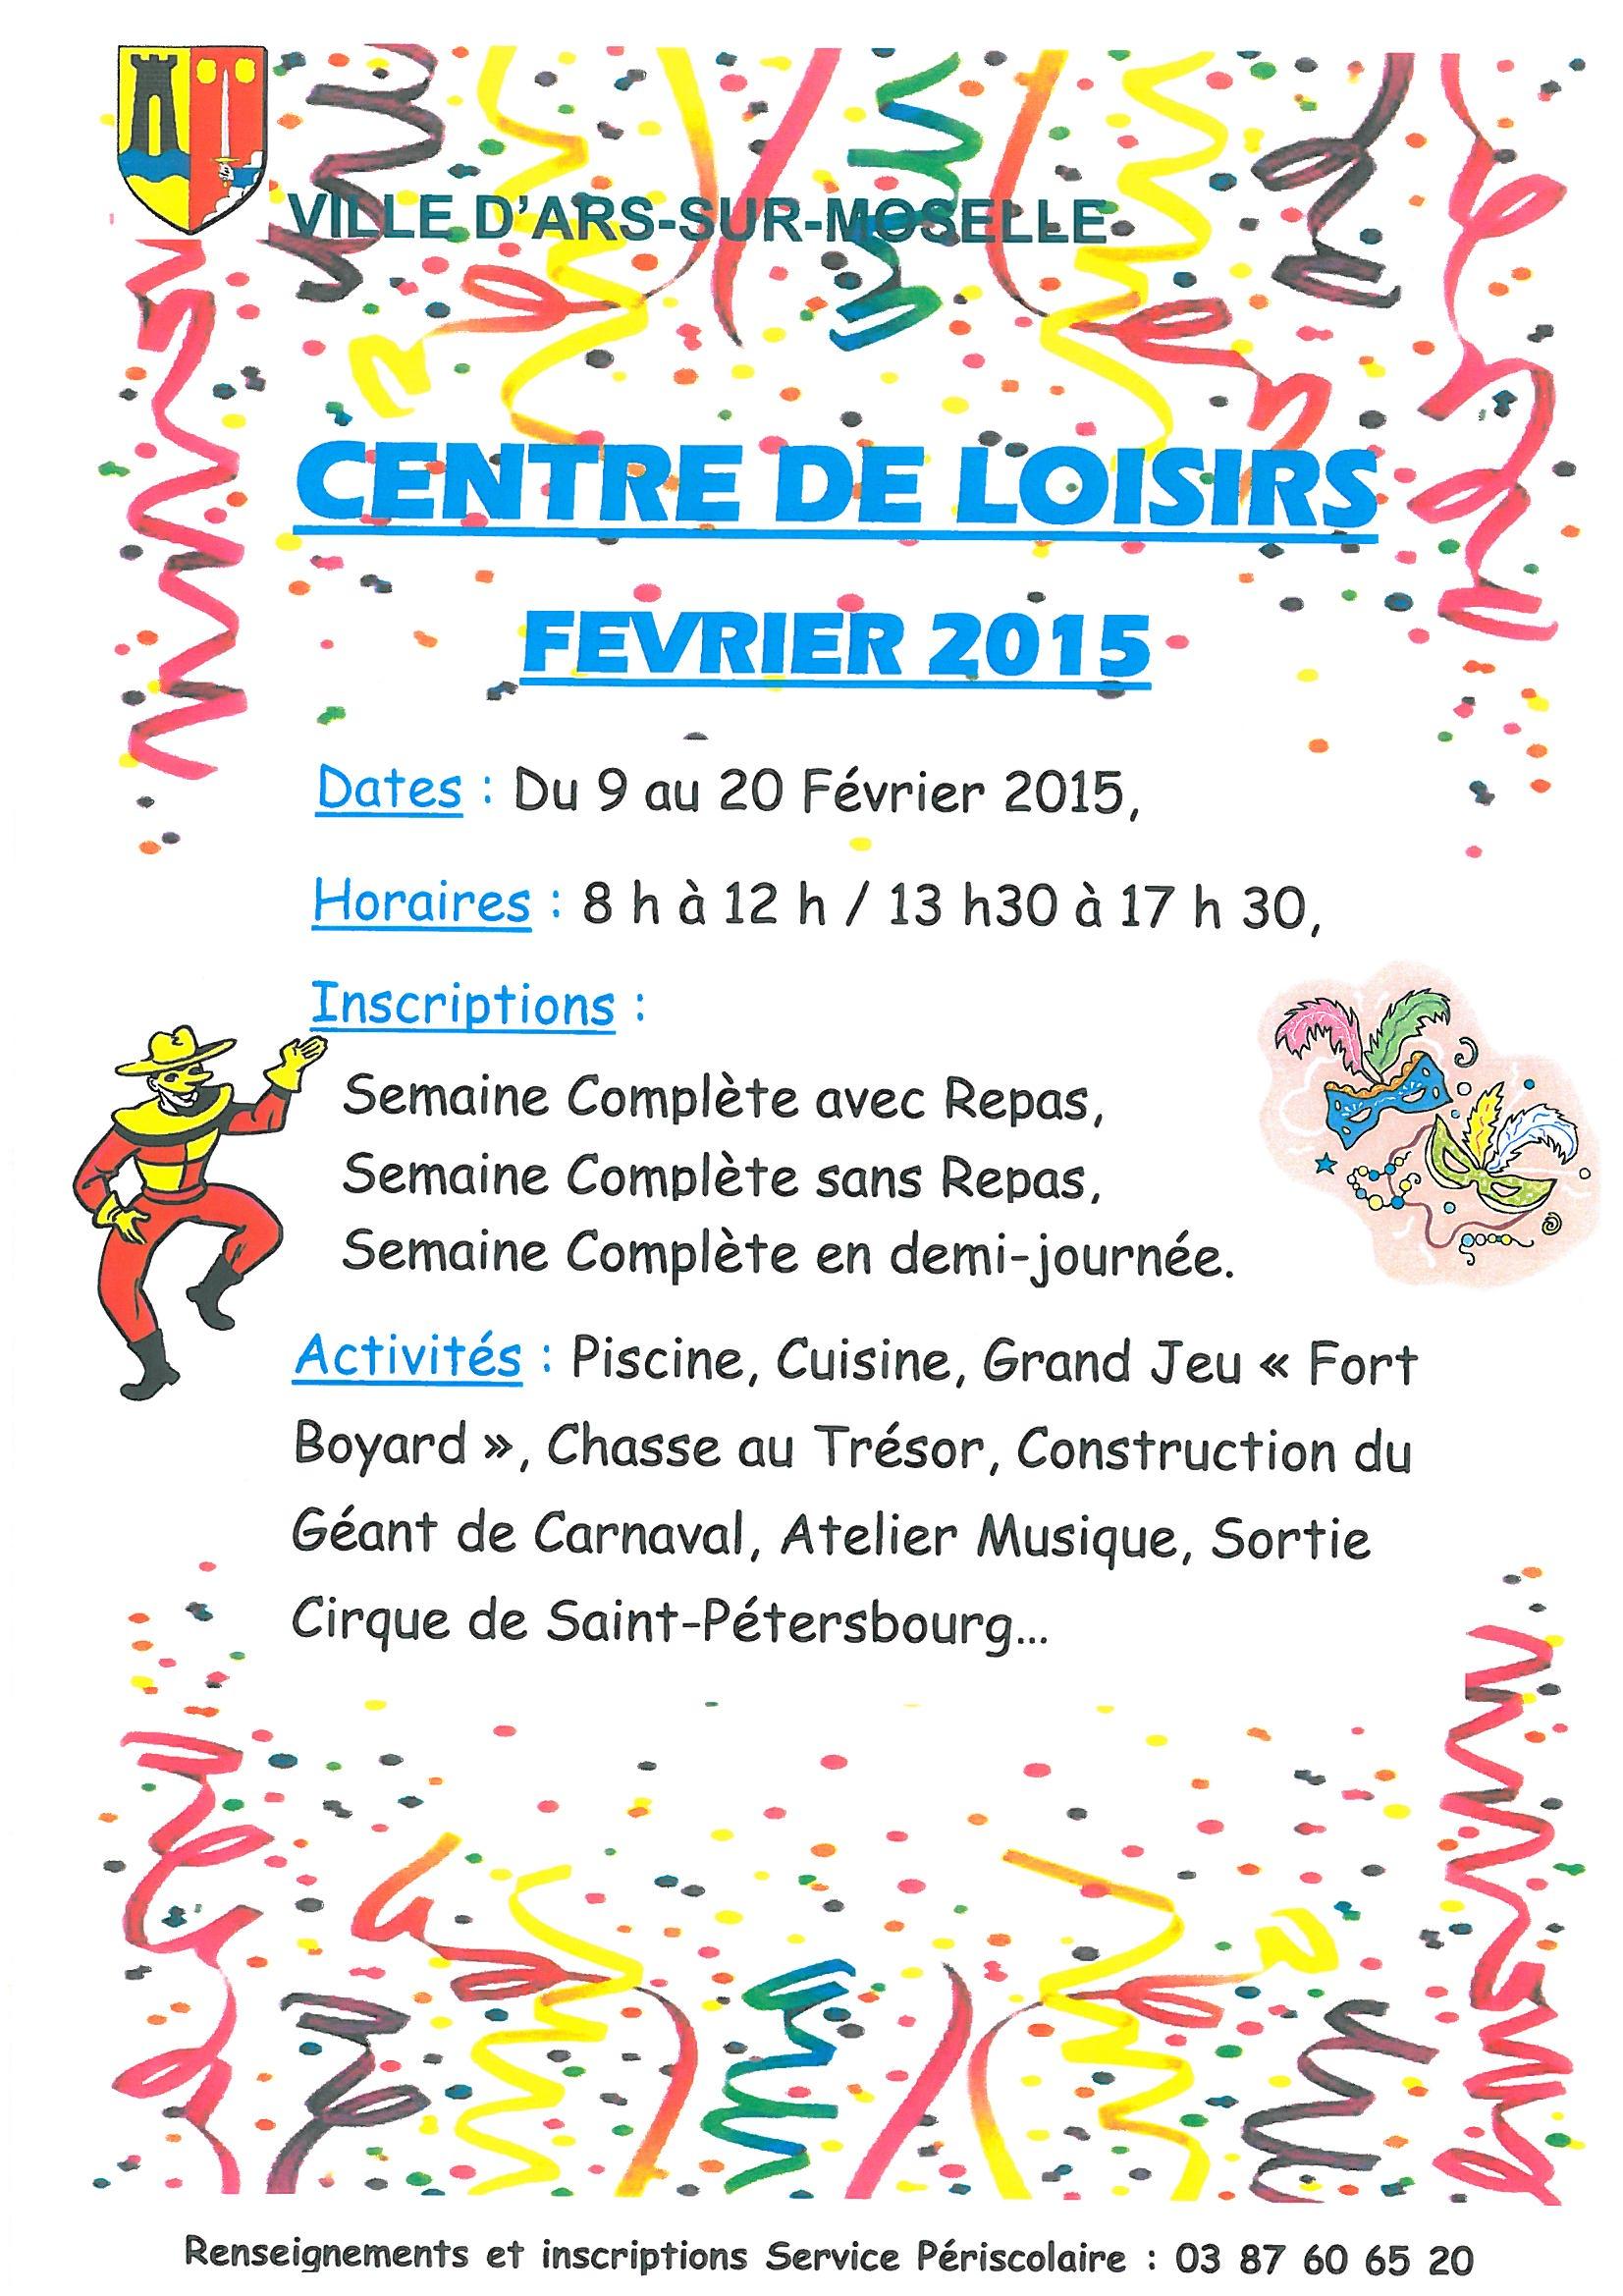 CENTRE DE LOISIRS du 9 au 20 février